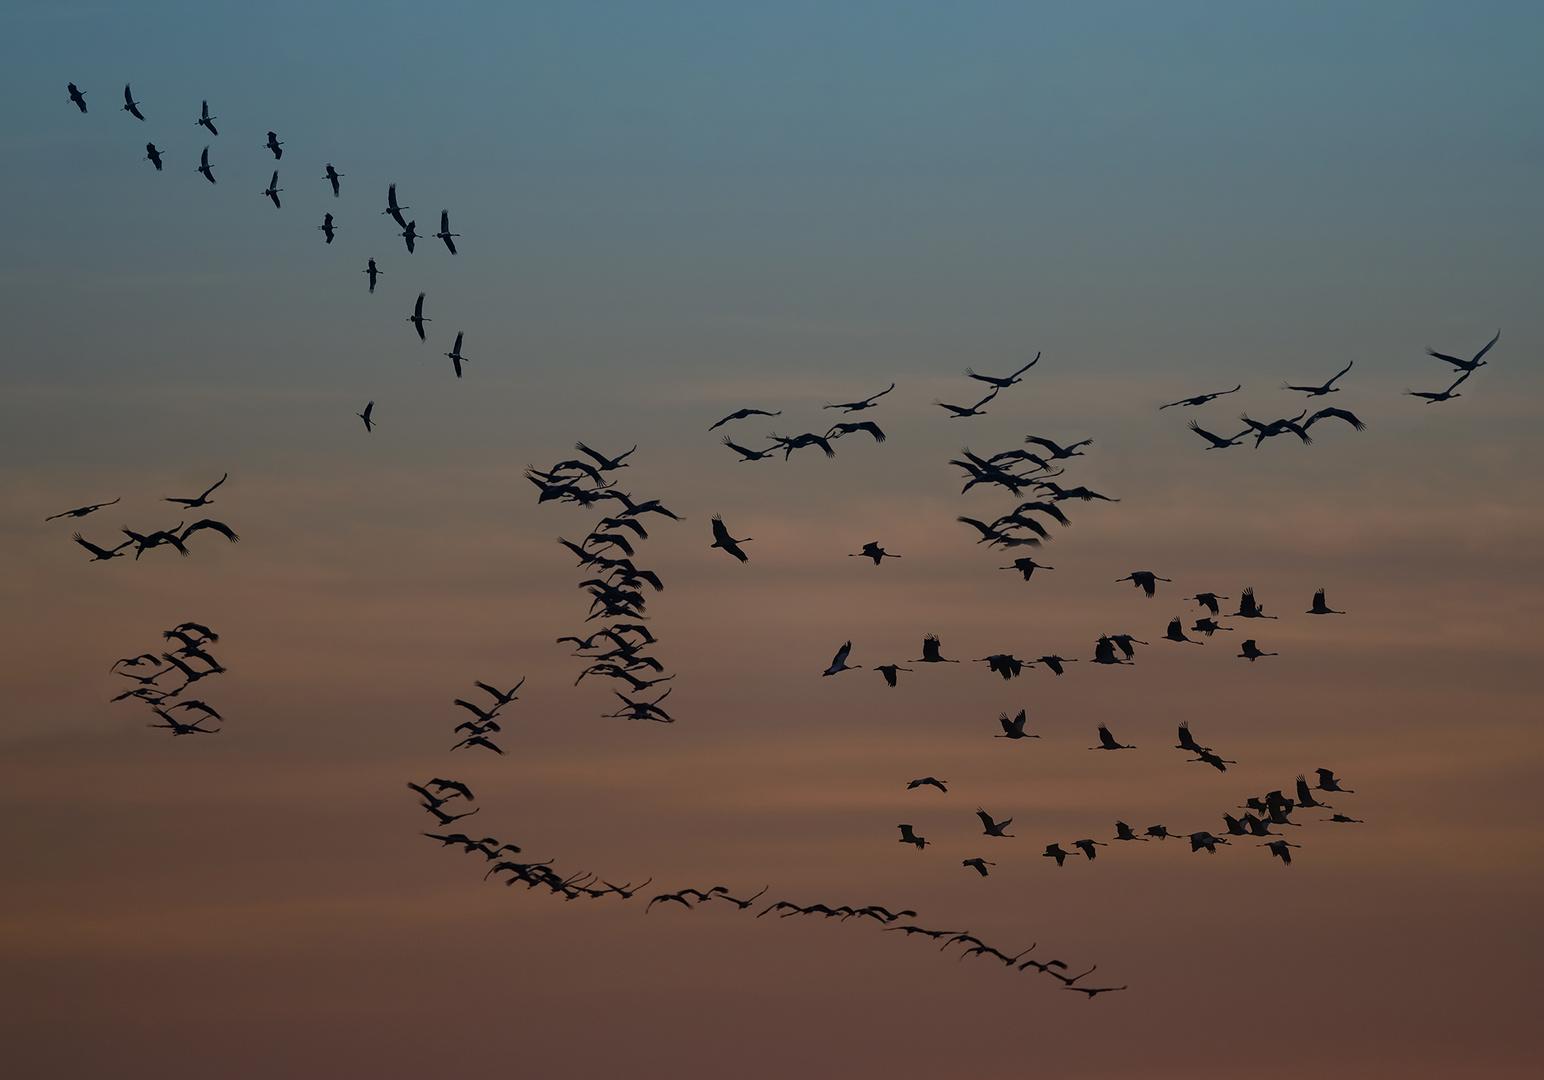 Ein Himmel voller Kraniche